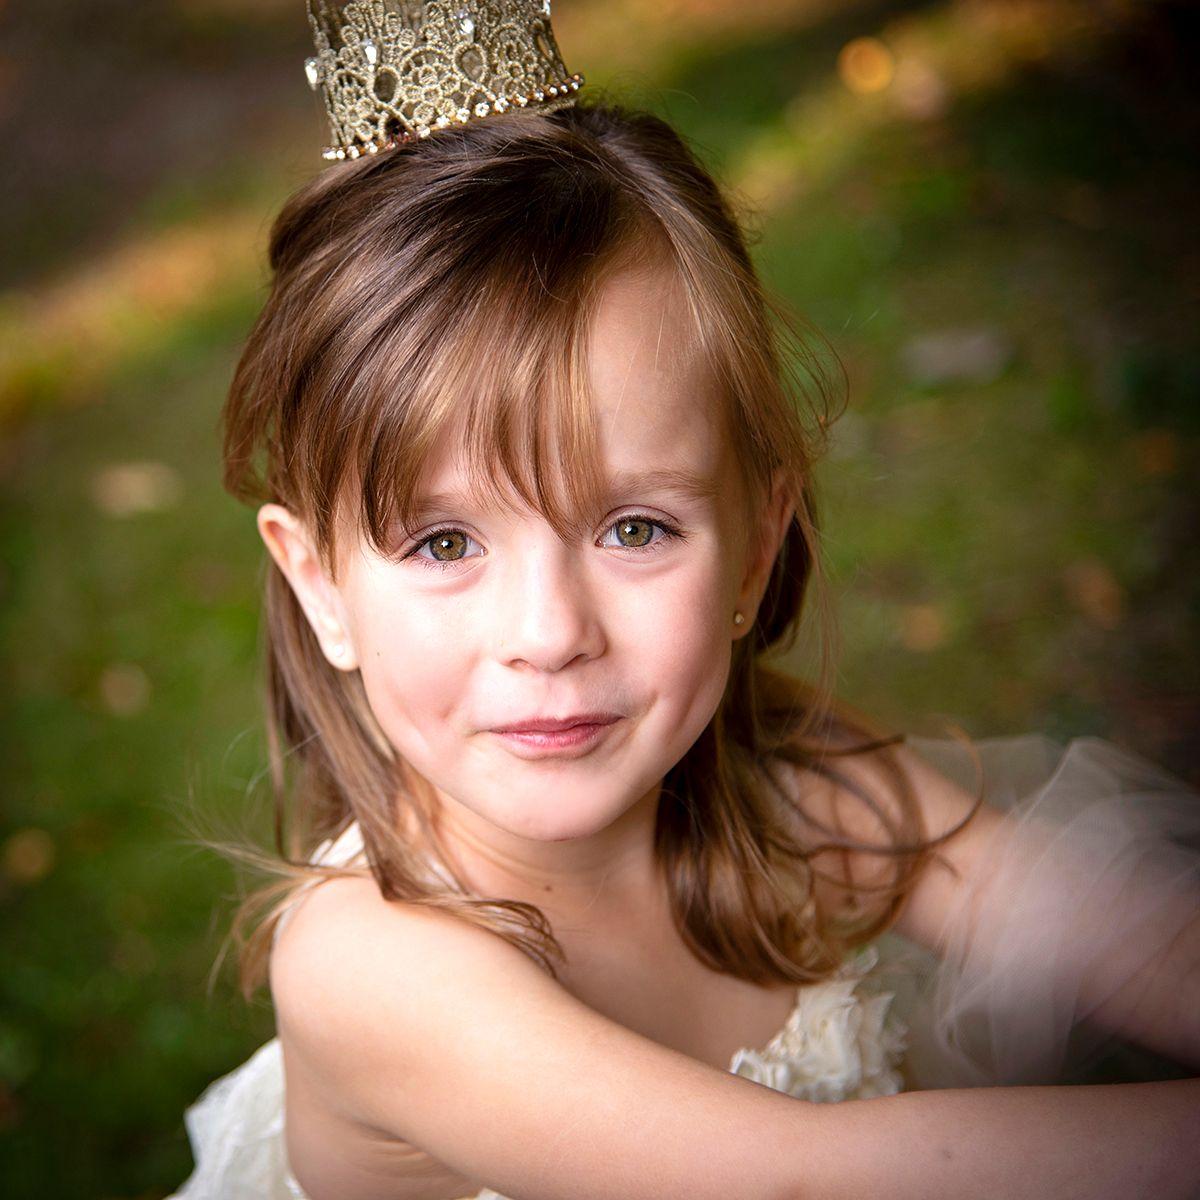 Märchen-Fotoshooting für Kinder